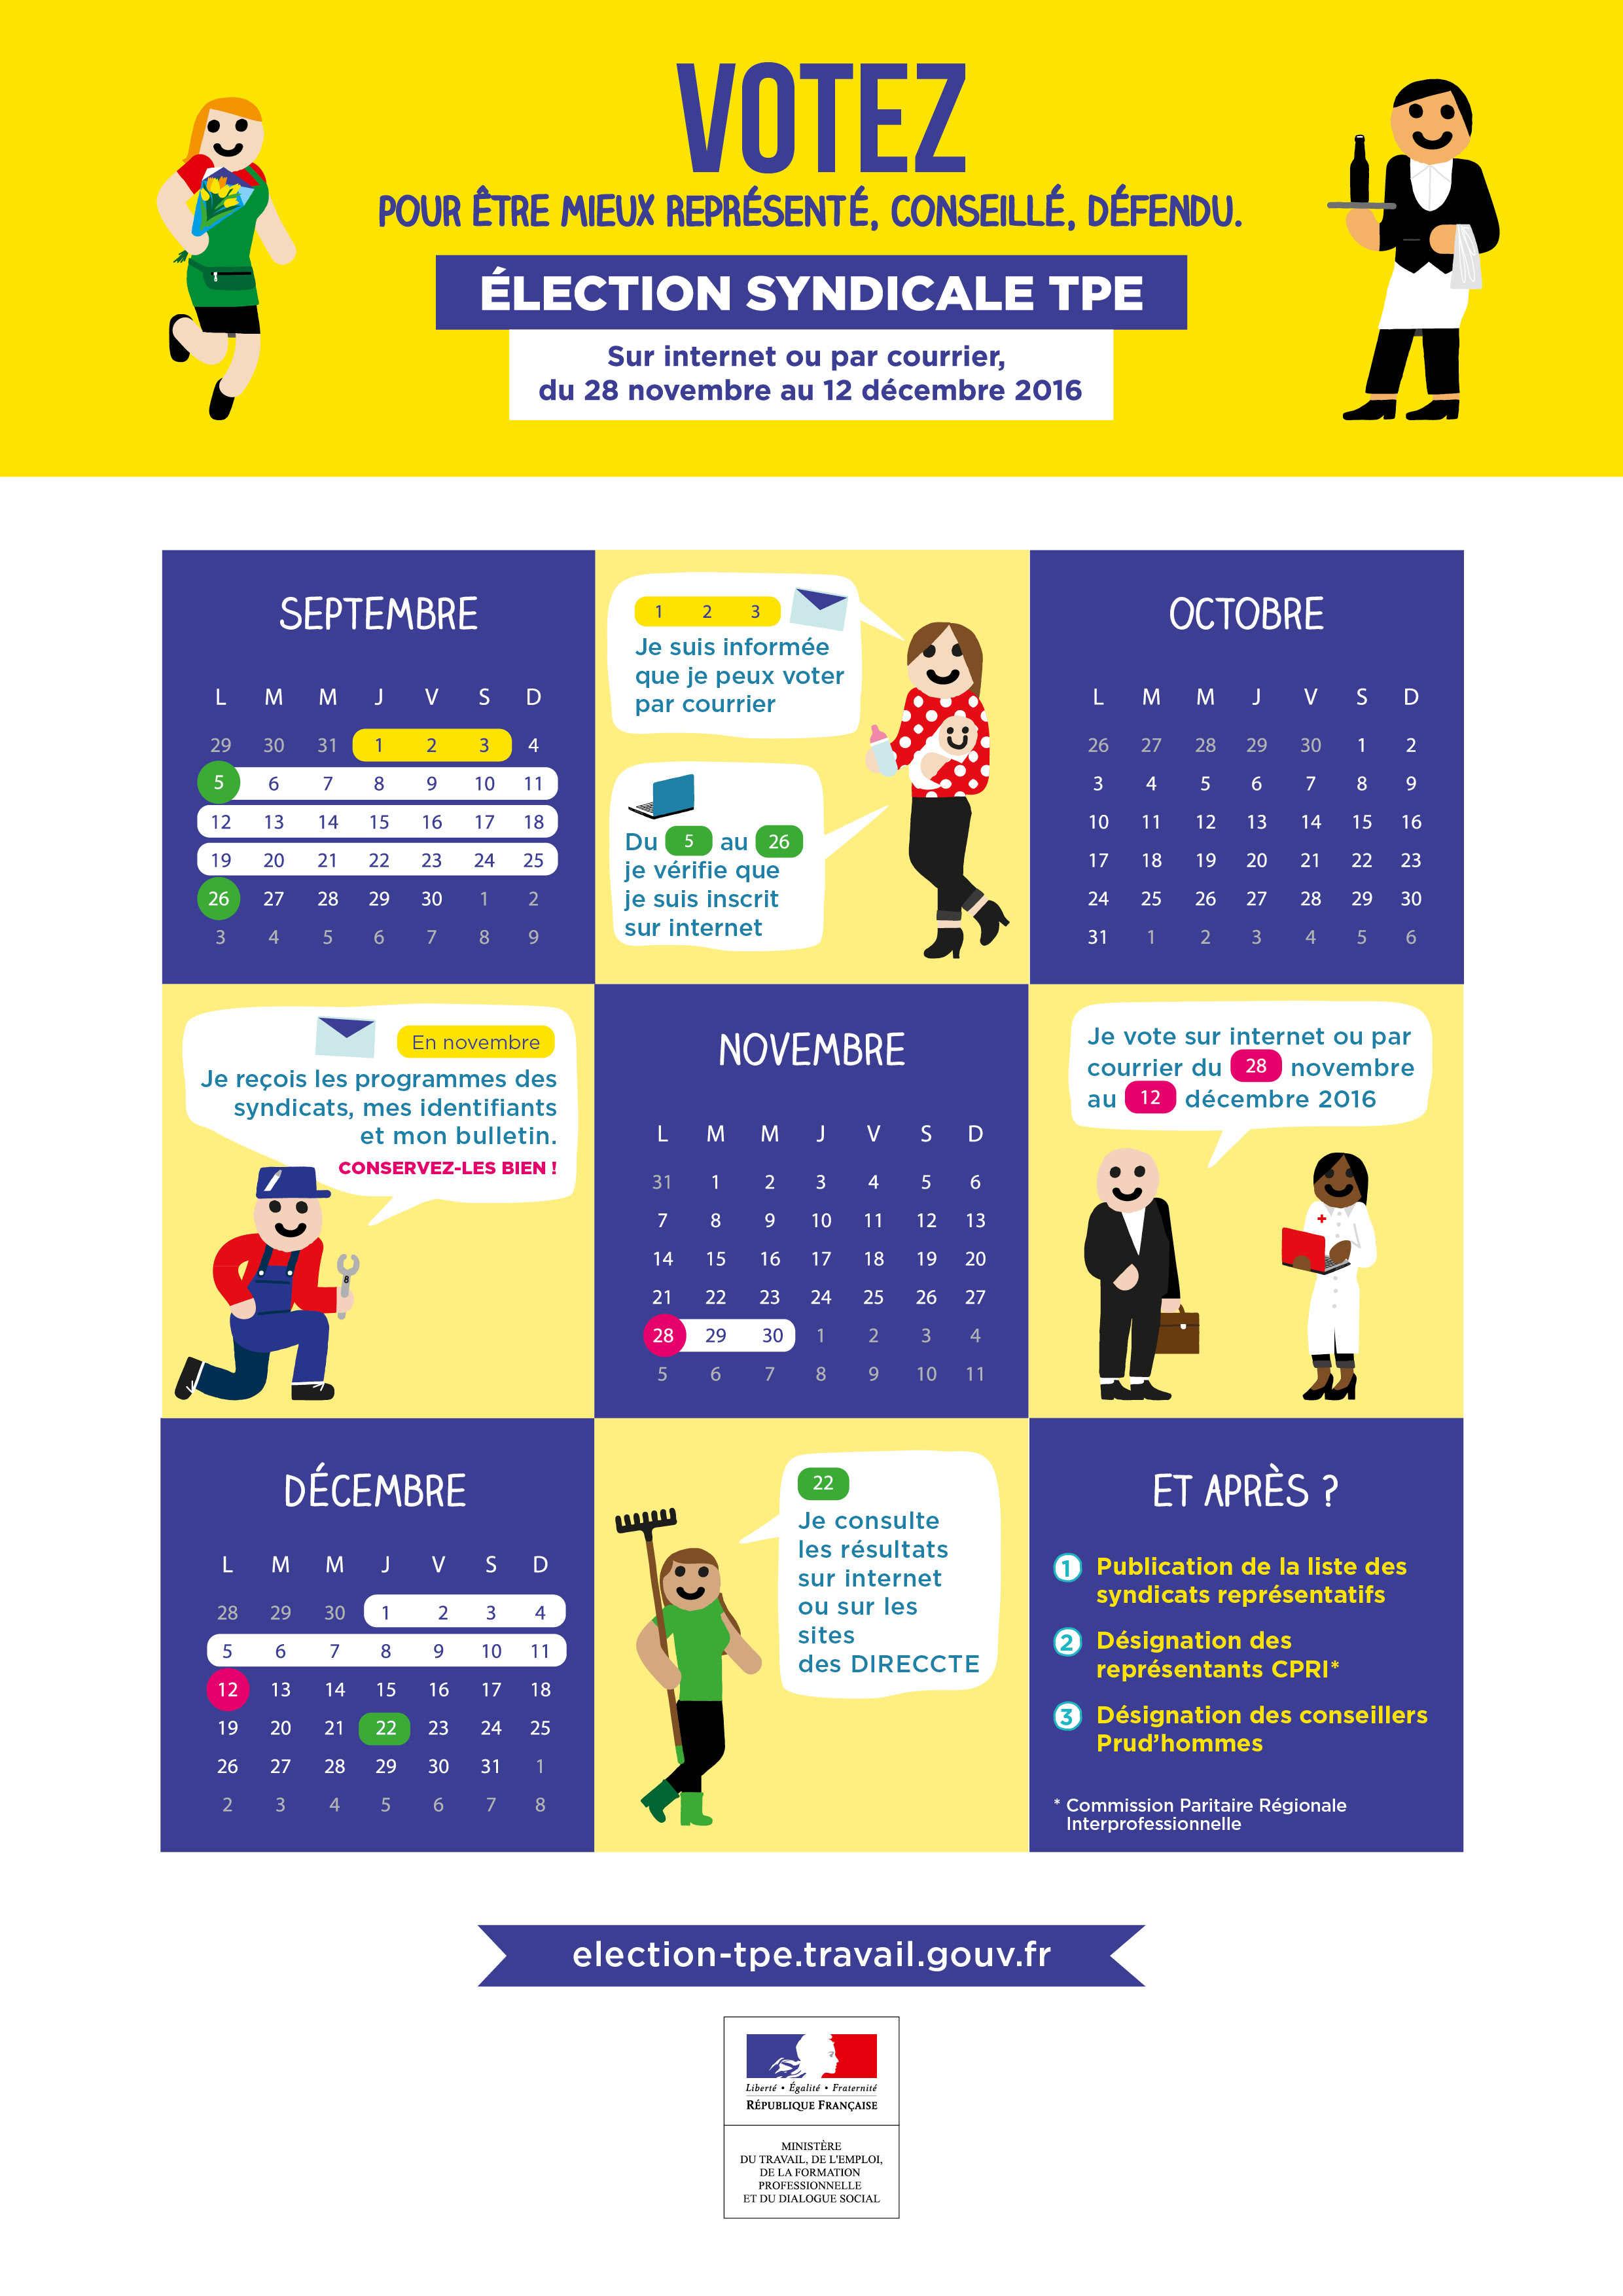 calendrier_election-a4_hd_grandpublic-convertimage_1_